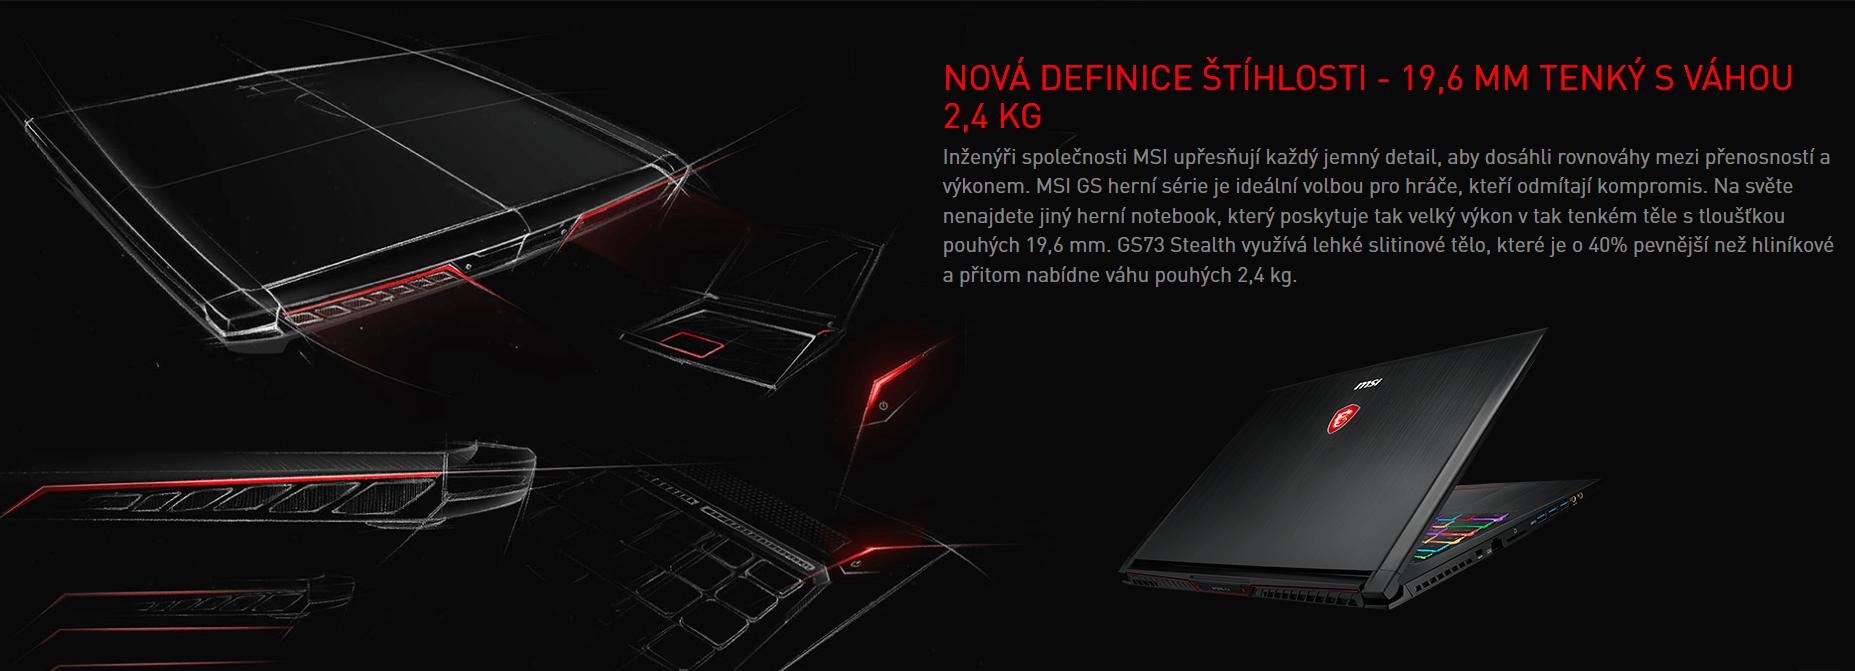 Nová definice štíhlosti - 19,6 mm tenký s váhou 2,4 kg